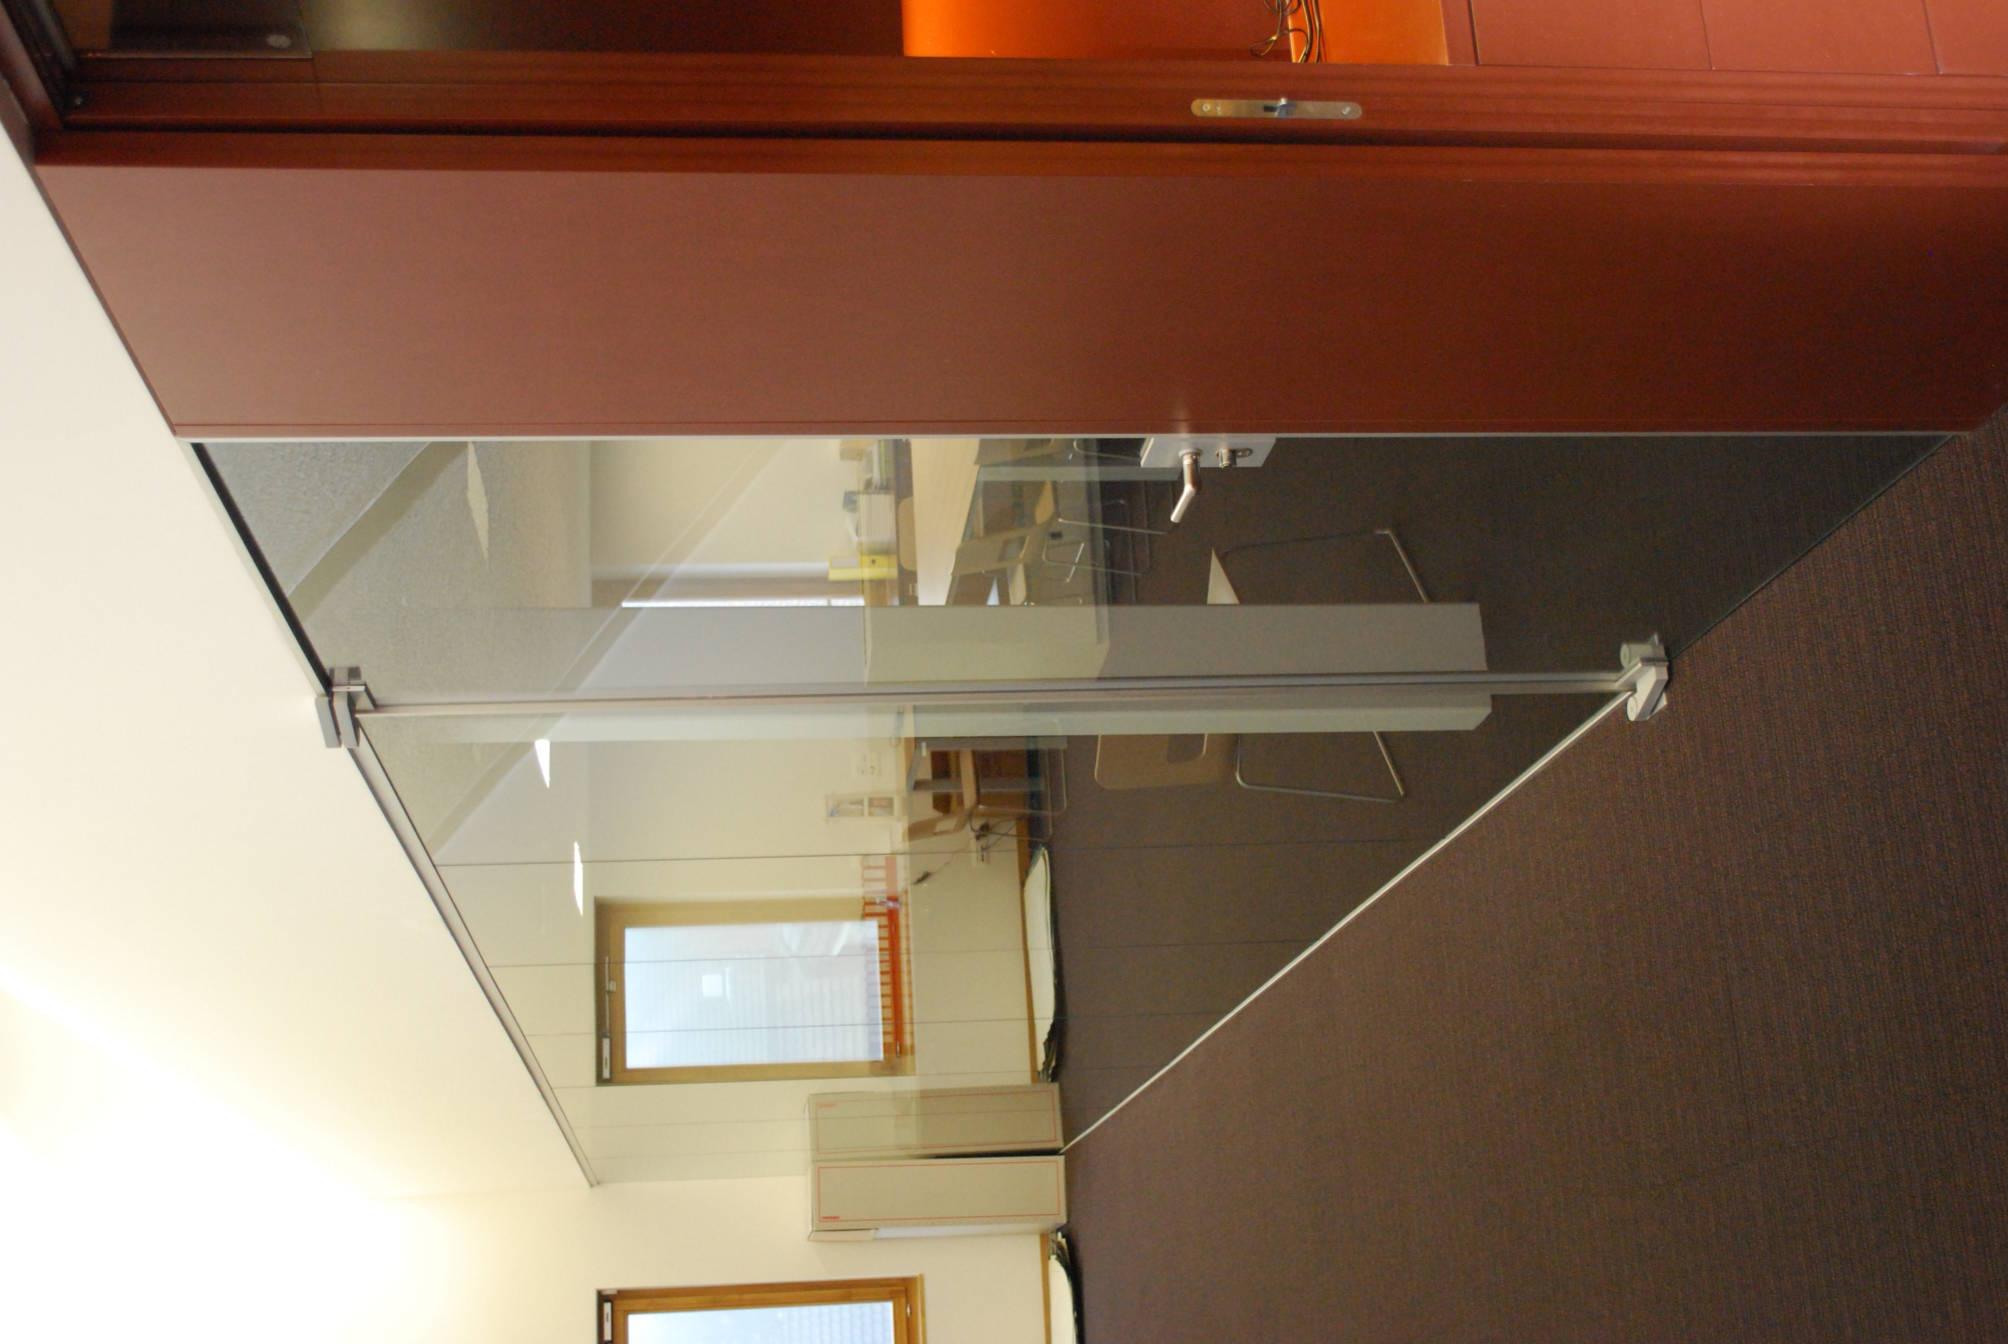 glastrennwand demenga glas ag. Black Bedroom Furniture Sets. Home Design Ideas